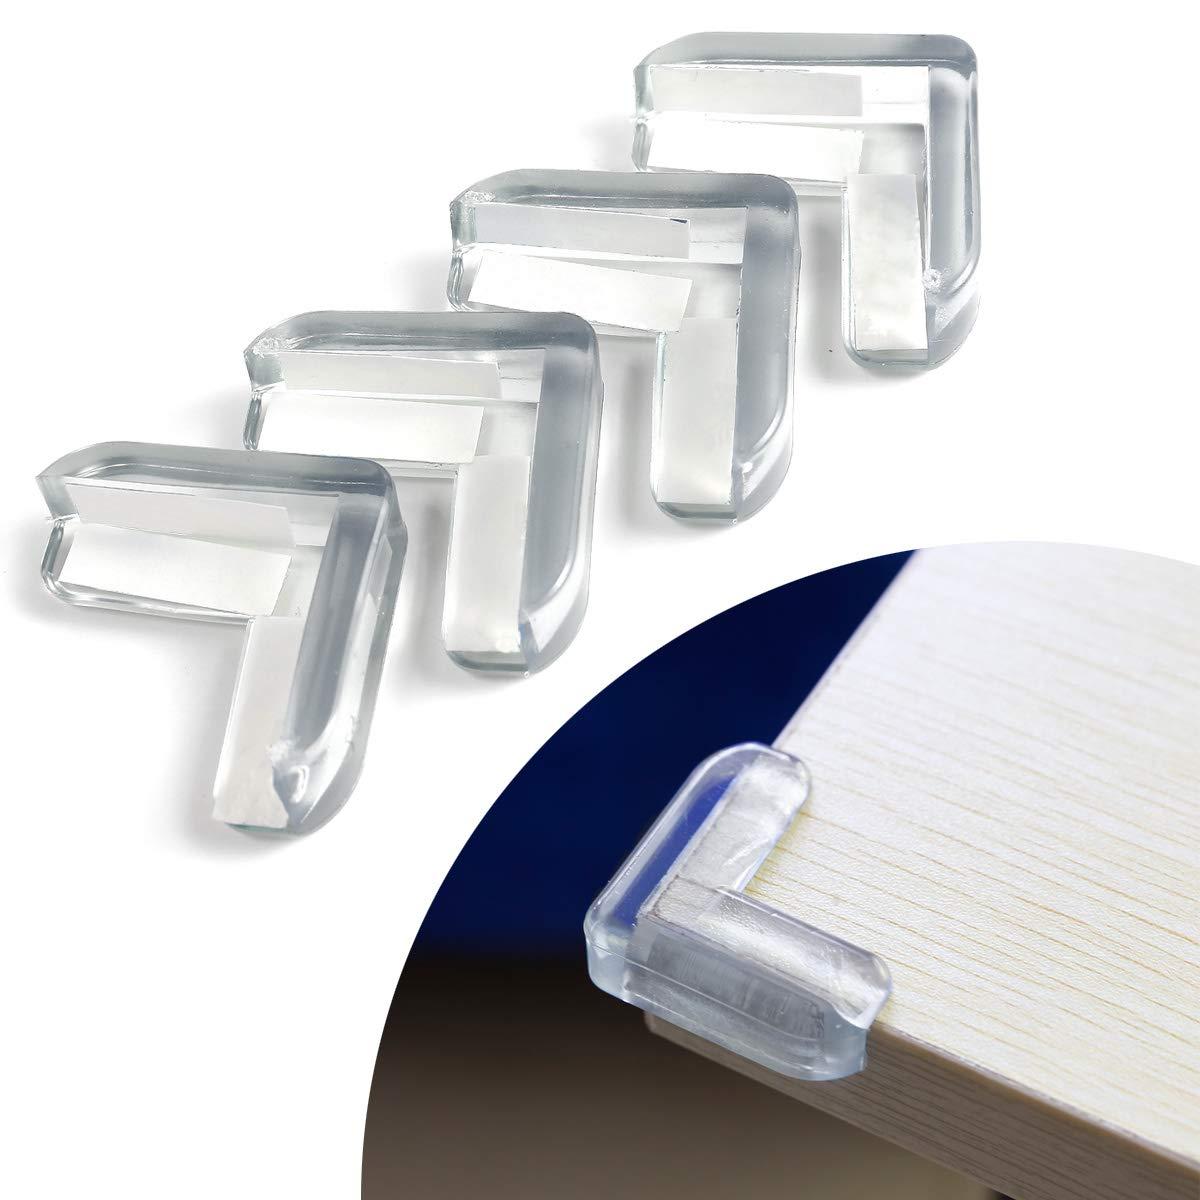 Kindersicherungen 4x Tisch Kantenschutz Eckschutz Glastisch Eckenschutz Baby Kinder Aus Silikon